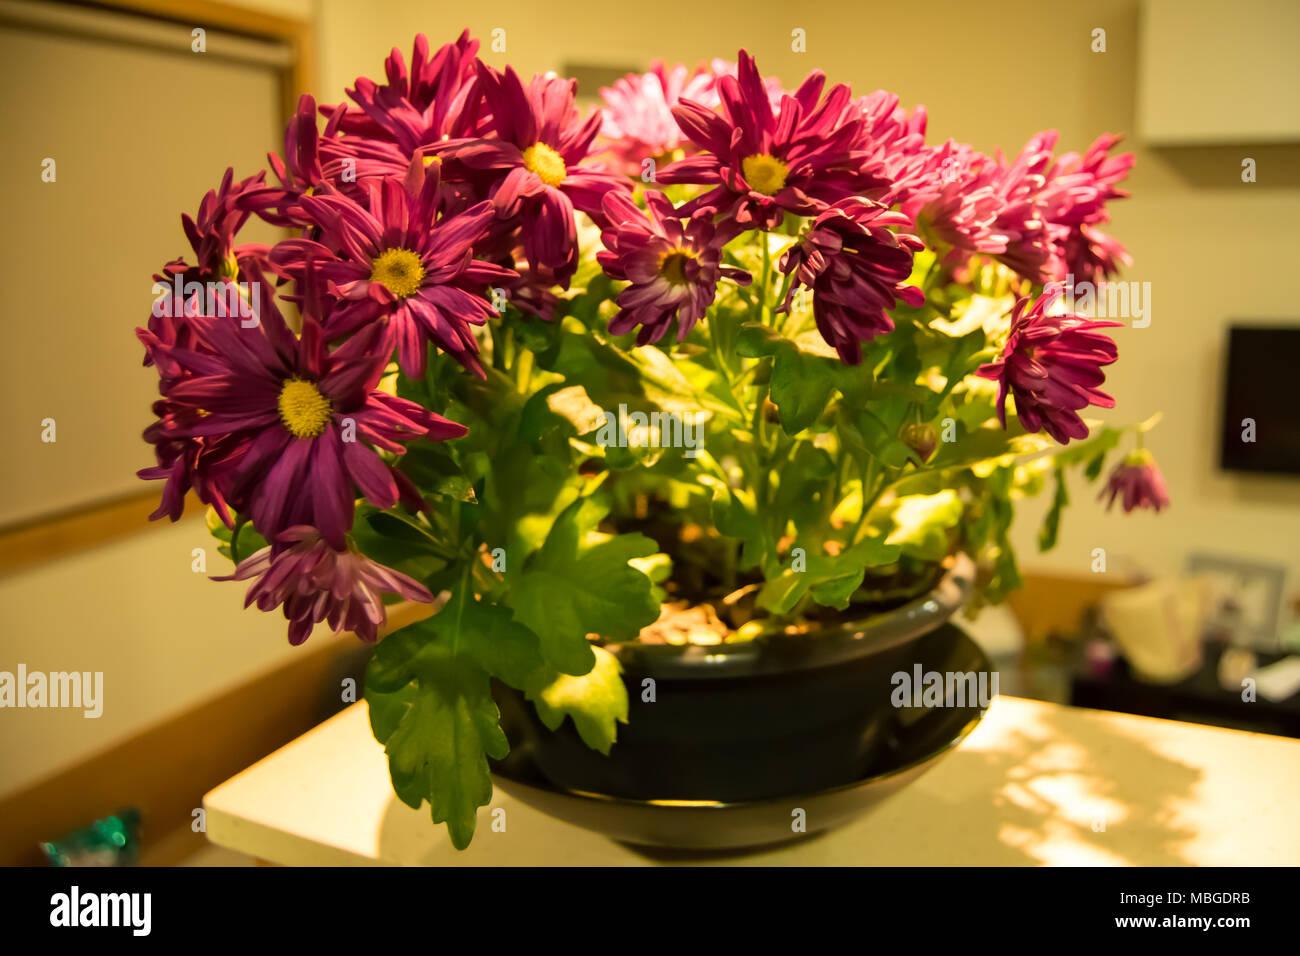 Innenraum Blumen Stockbild